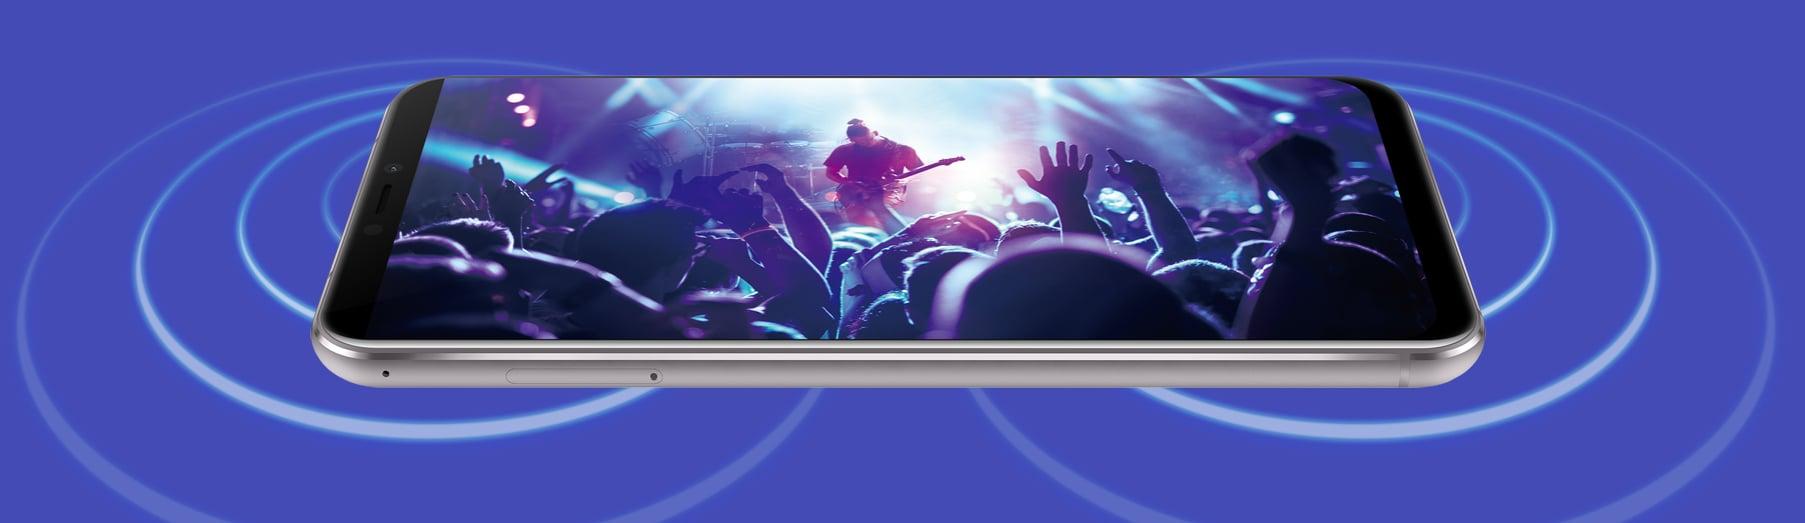 ZenFone 5 dźwięk 7.1 DTS